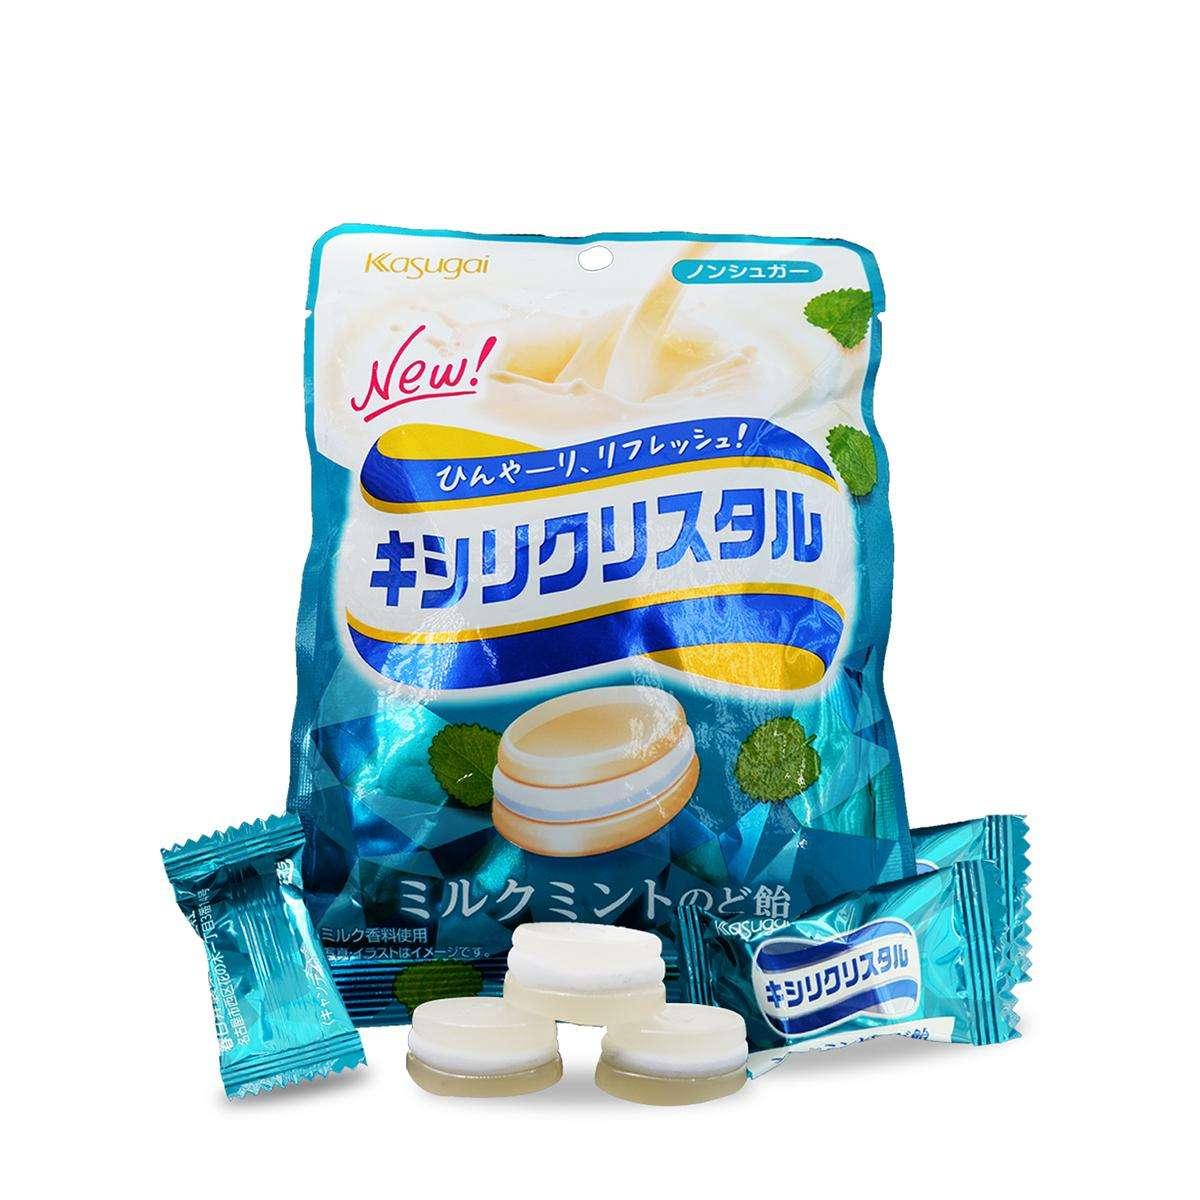 kẹo ngậm thảo mộc không đường vị sữa kasugai